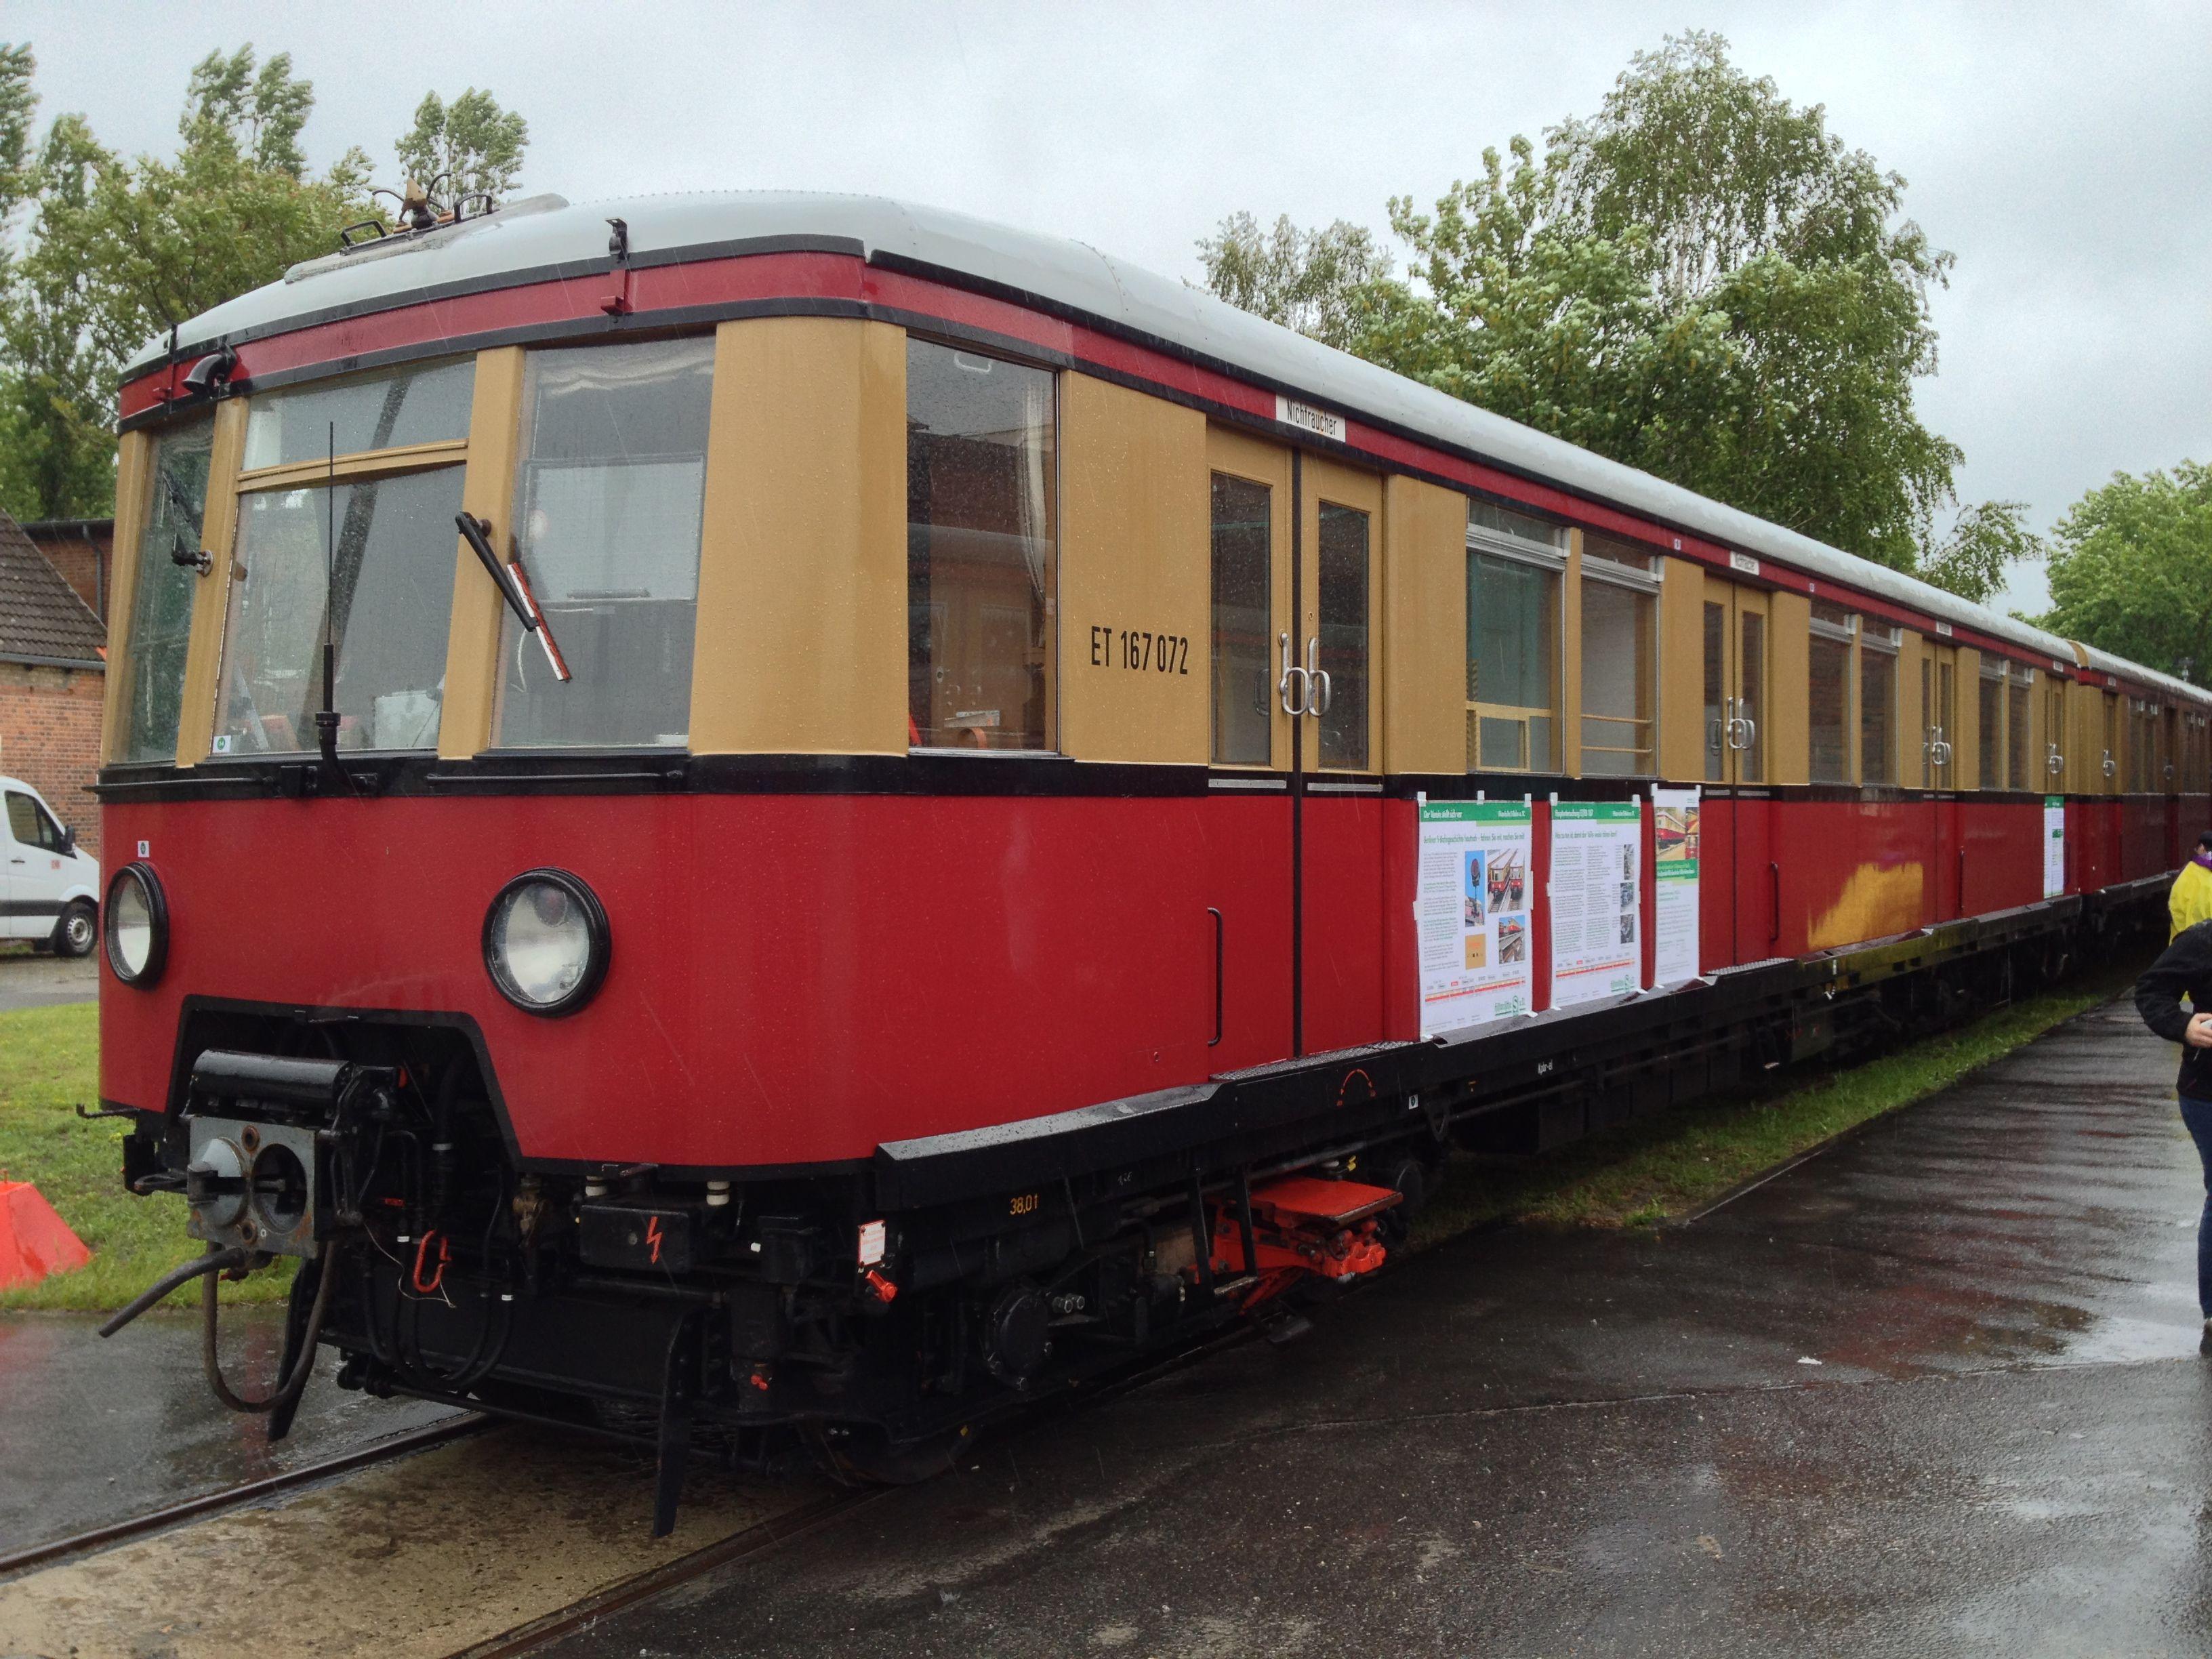 S-Bahn 167 072 in Erkner, Juni 2013